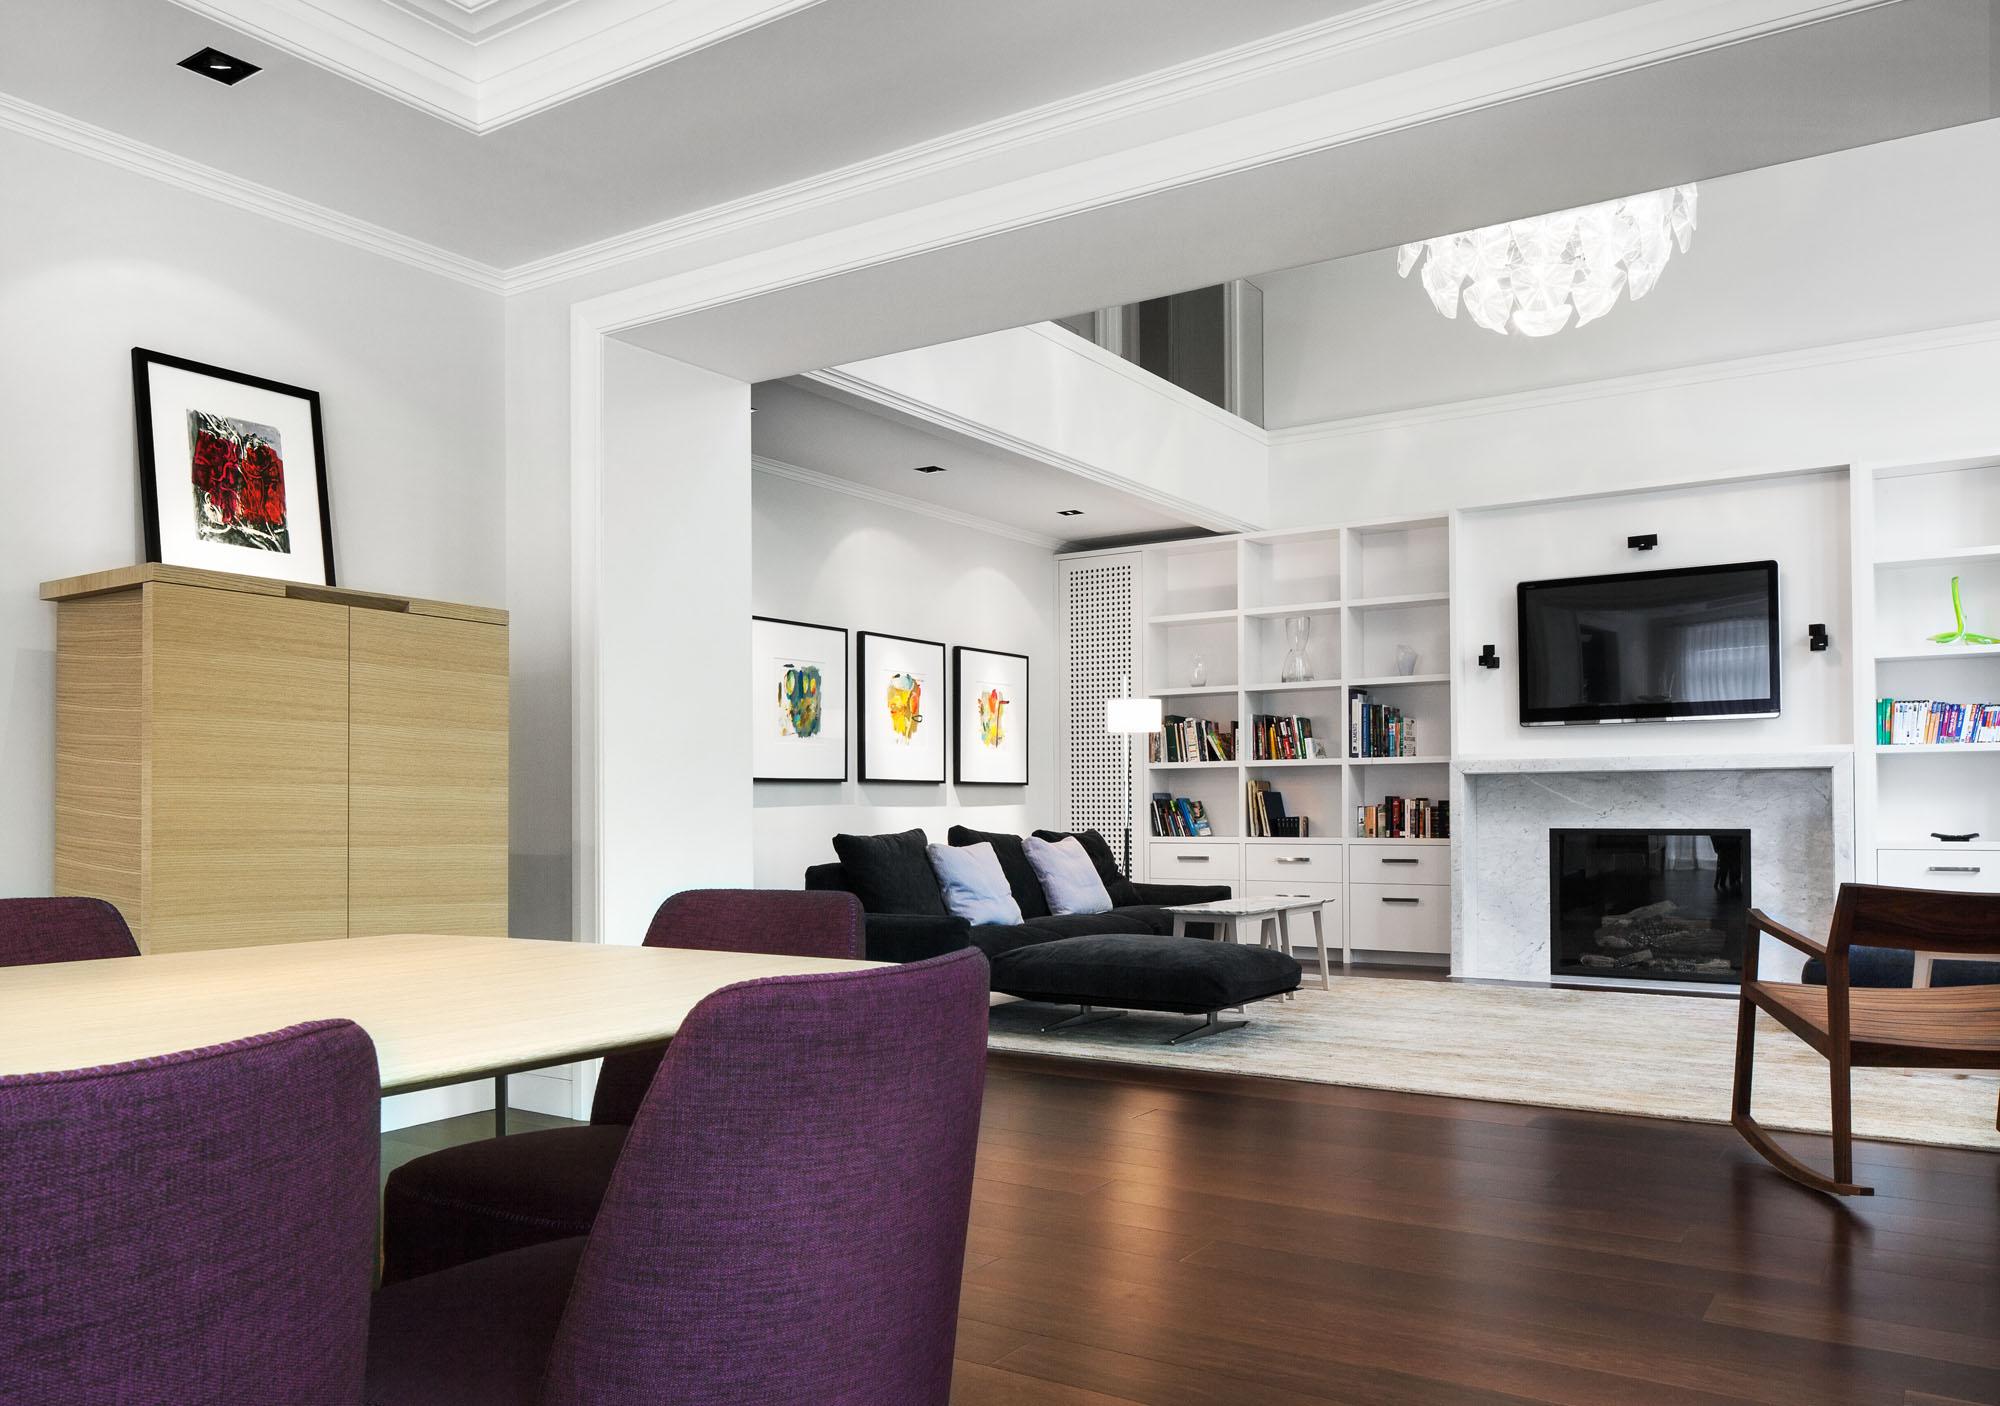 Interior Contemporary White Home With Black And Purple Interior Design